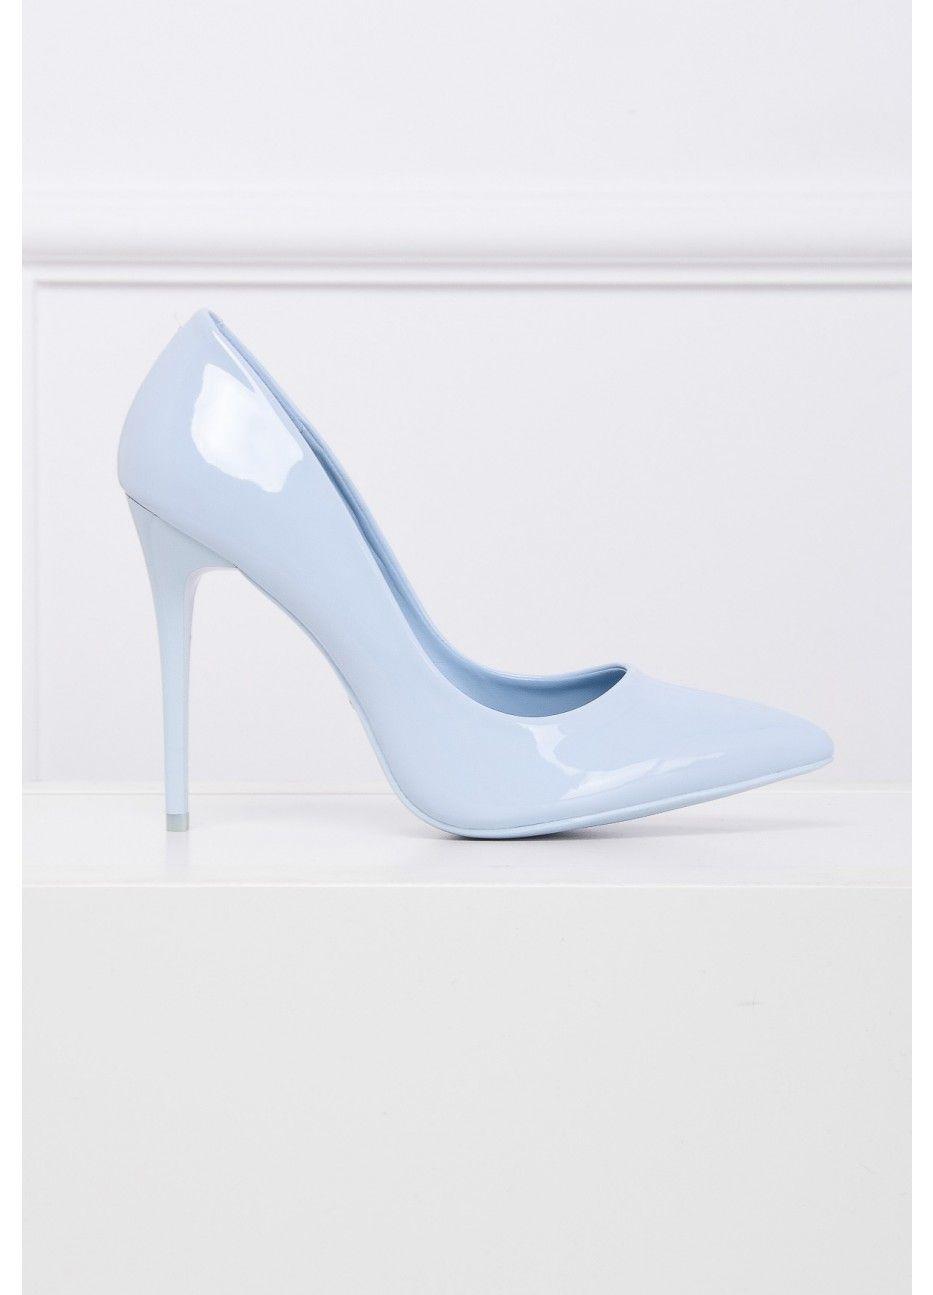 Szpilki Pastele Women Shoes Shoes Stiletto Heels